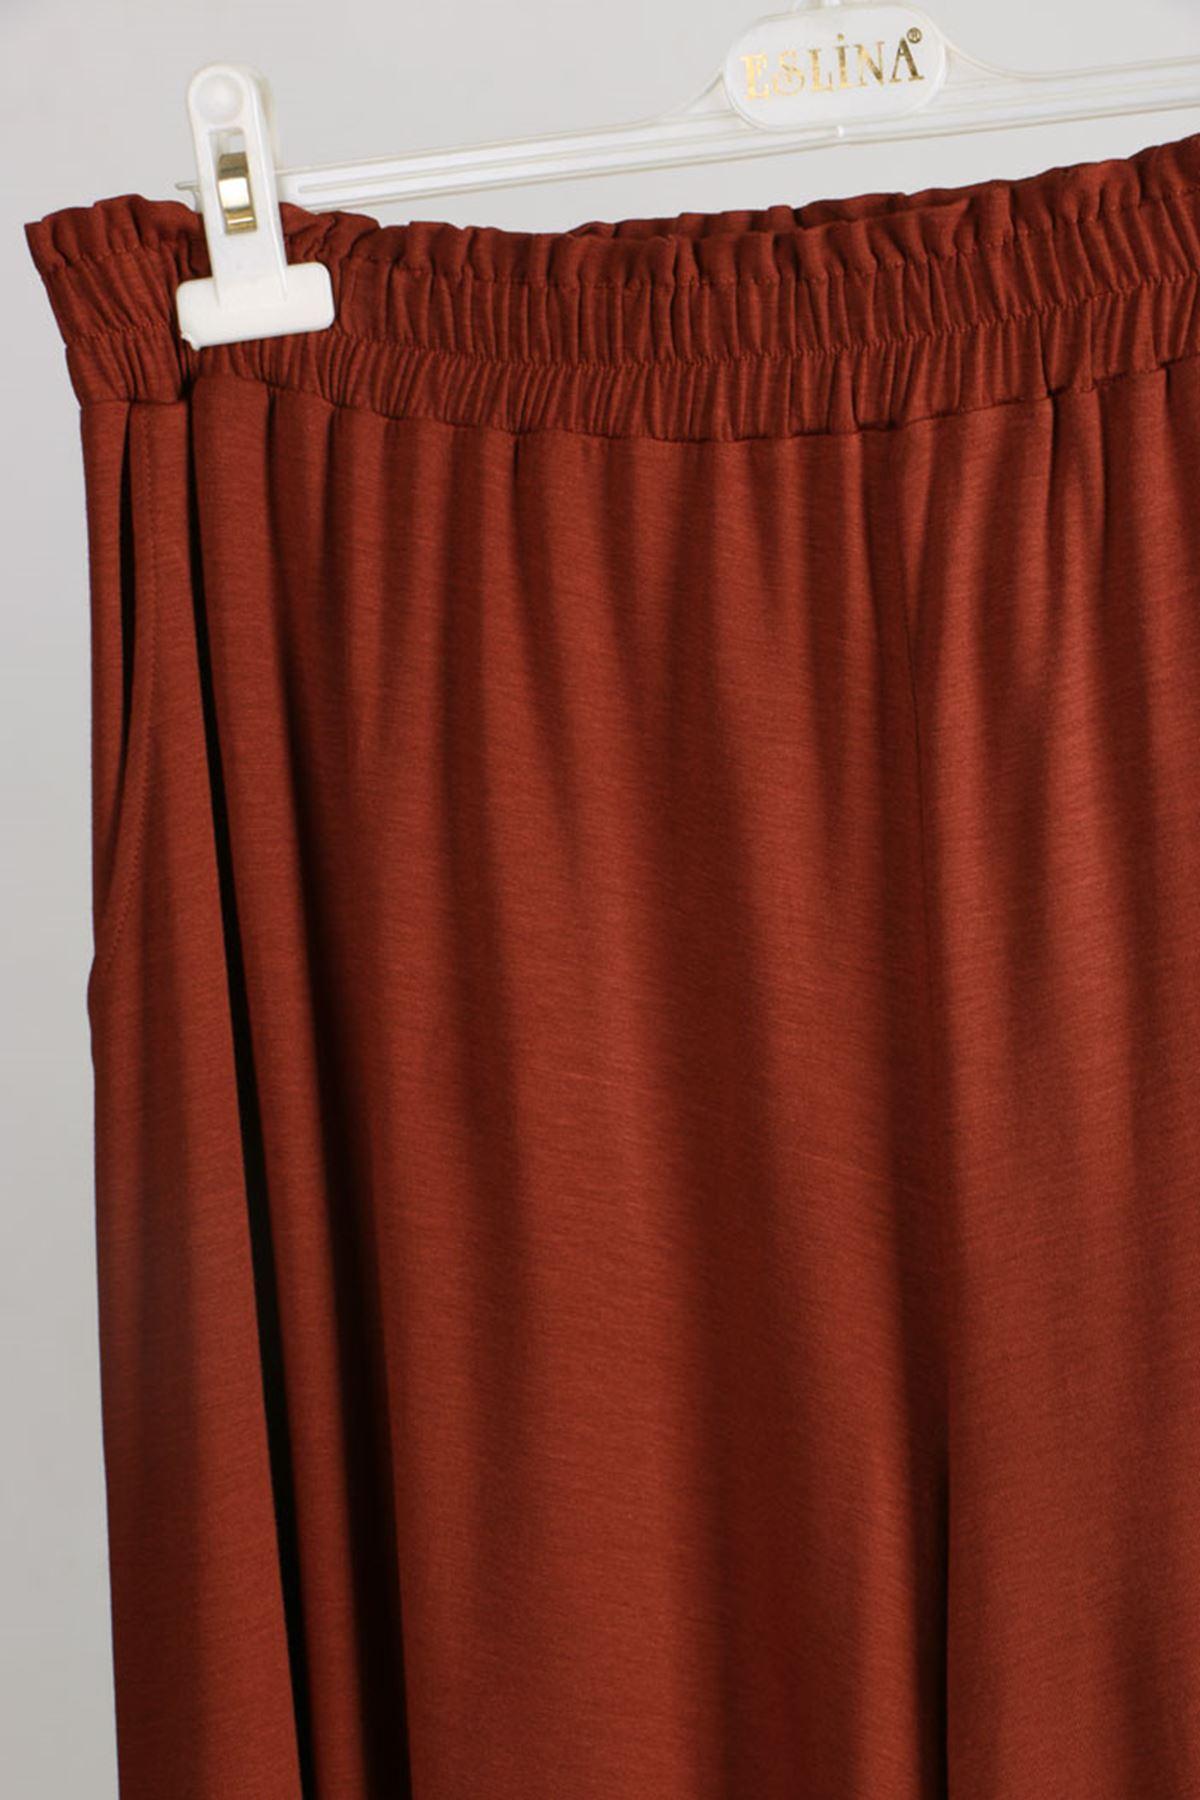 D-9079 Büyük Beden Defolu Penye Geniş Paça Pantolon - Kiremit